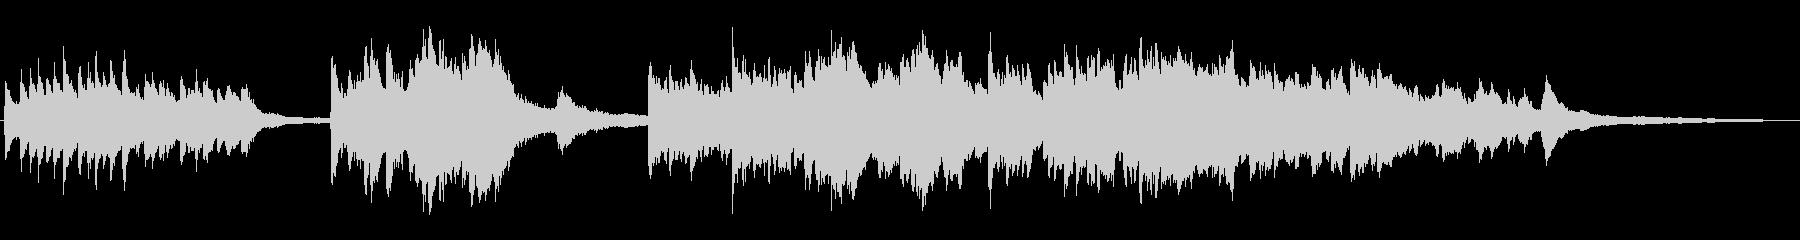 深い森(曇のち晴れ) ピアノの未再生の波形